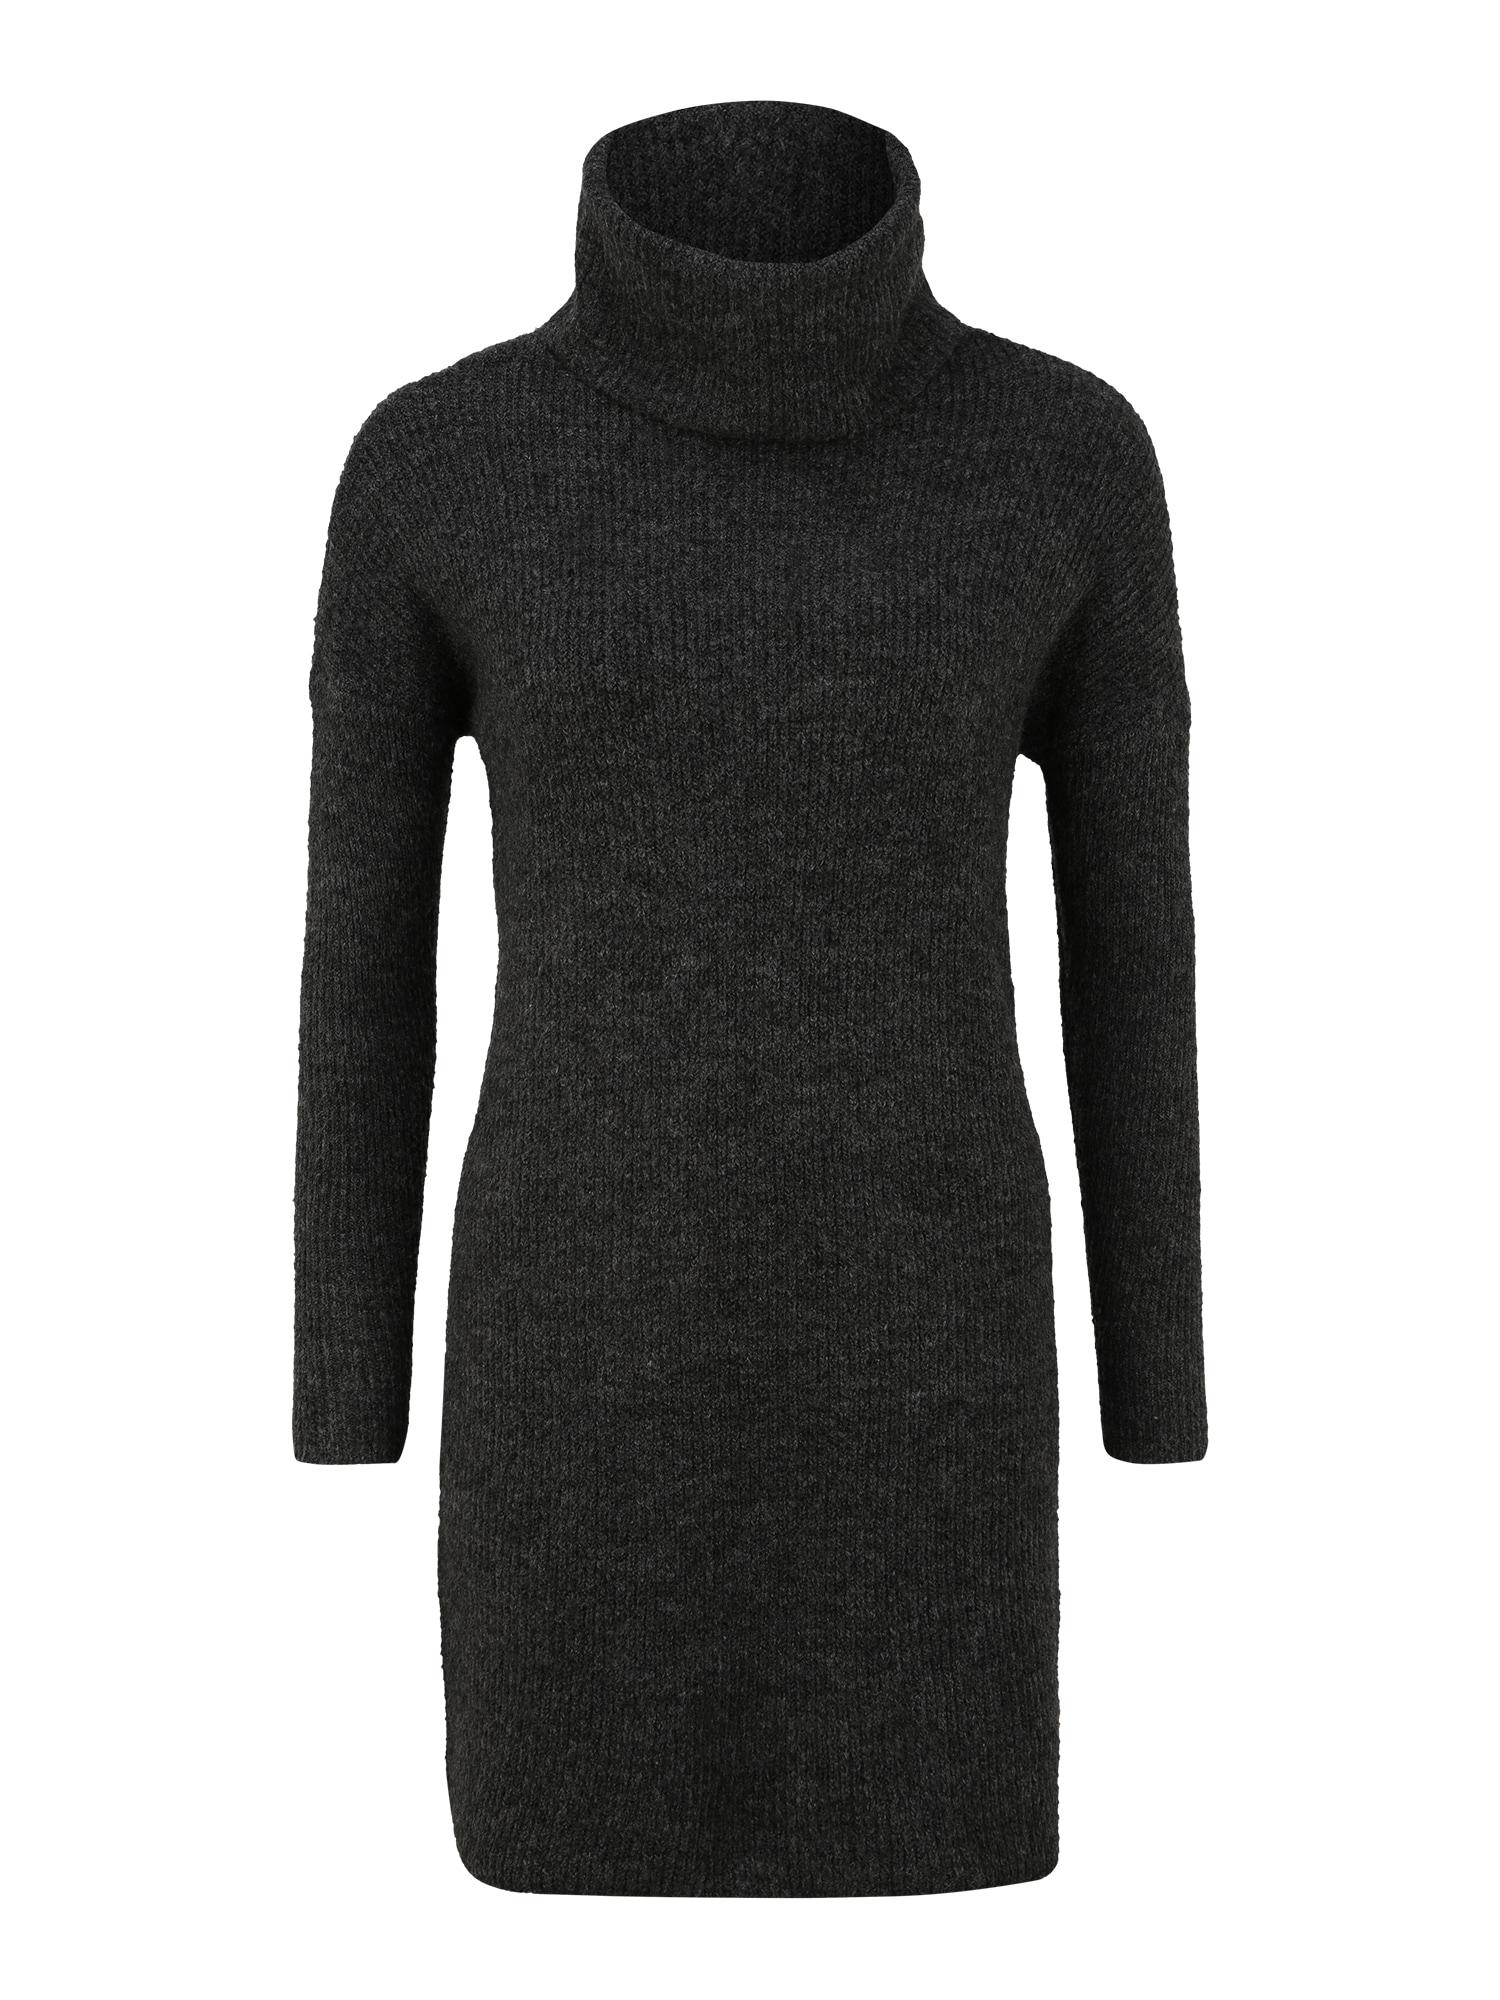 Only (Petite) Megzta suknelė tamsiai pilka